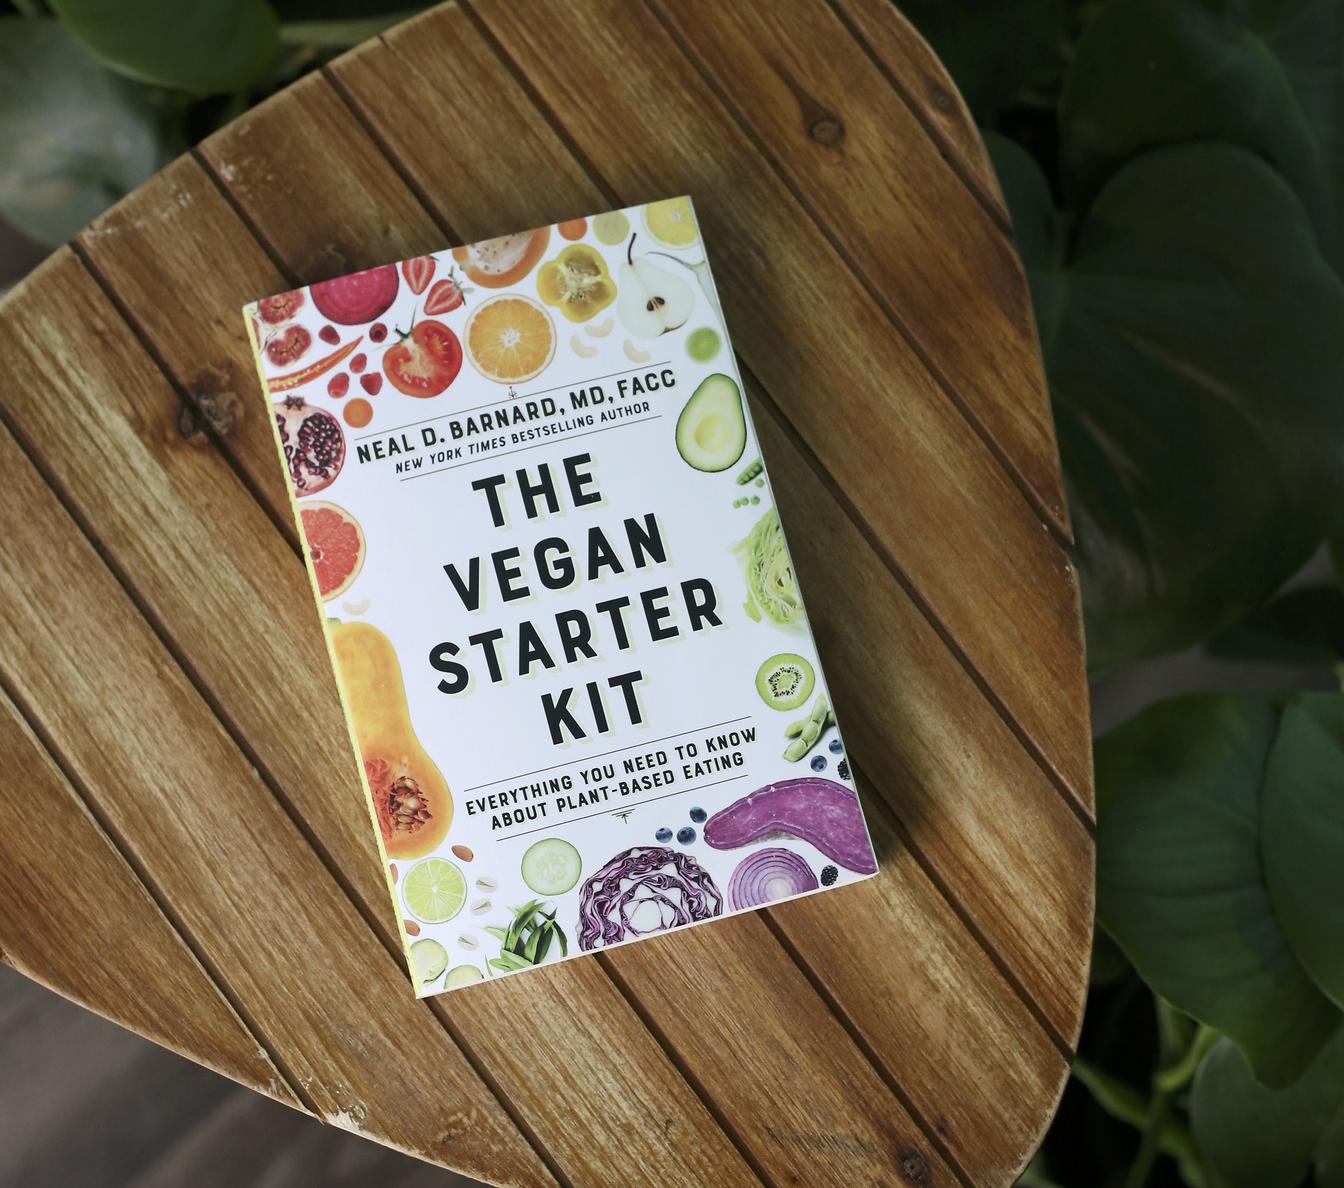 The Vegan Kick Starter Kit - Neal Barnard, MD, FACC